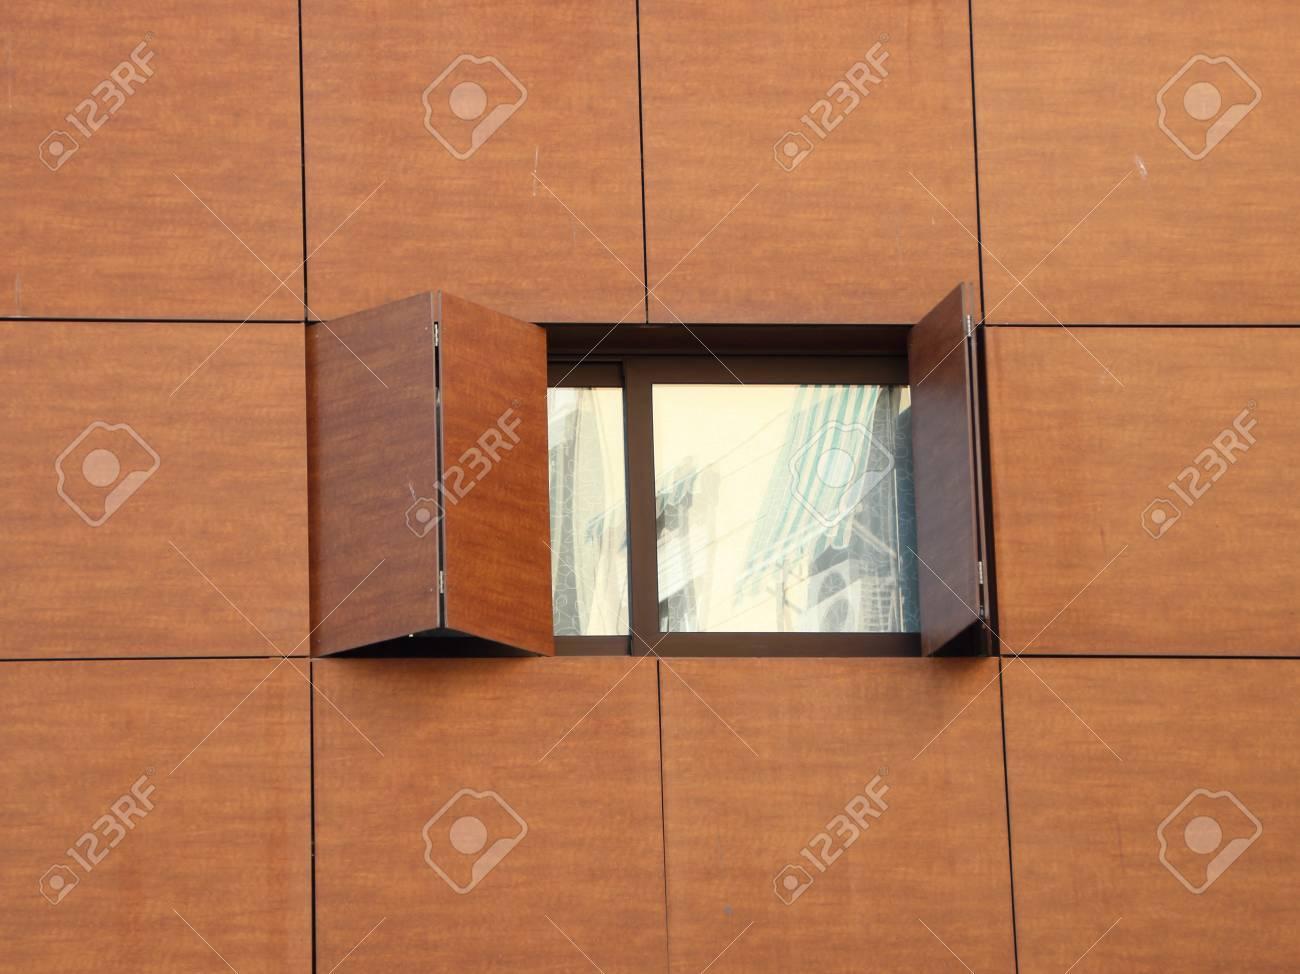 Single Window With Folded Open Wooden Shutter